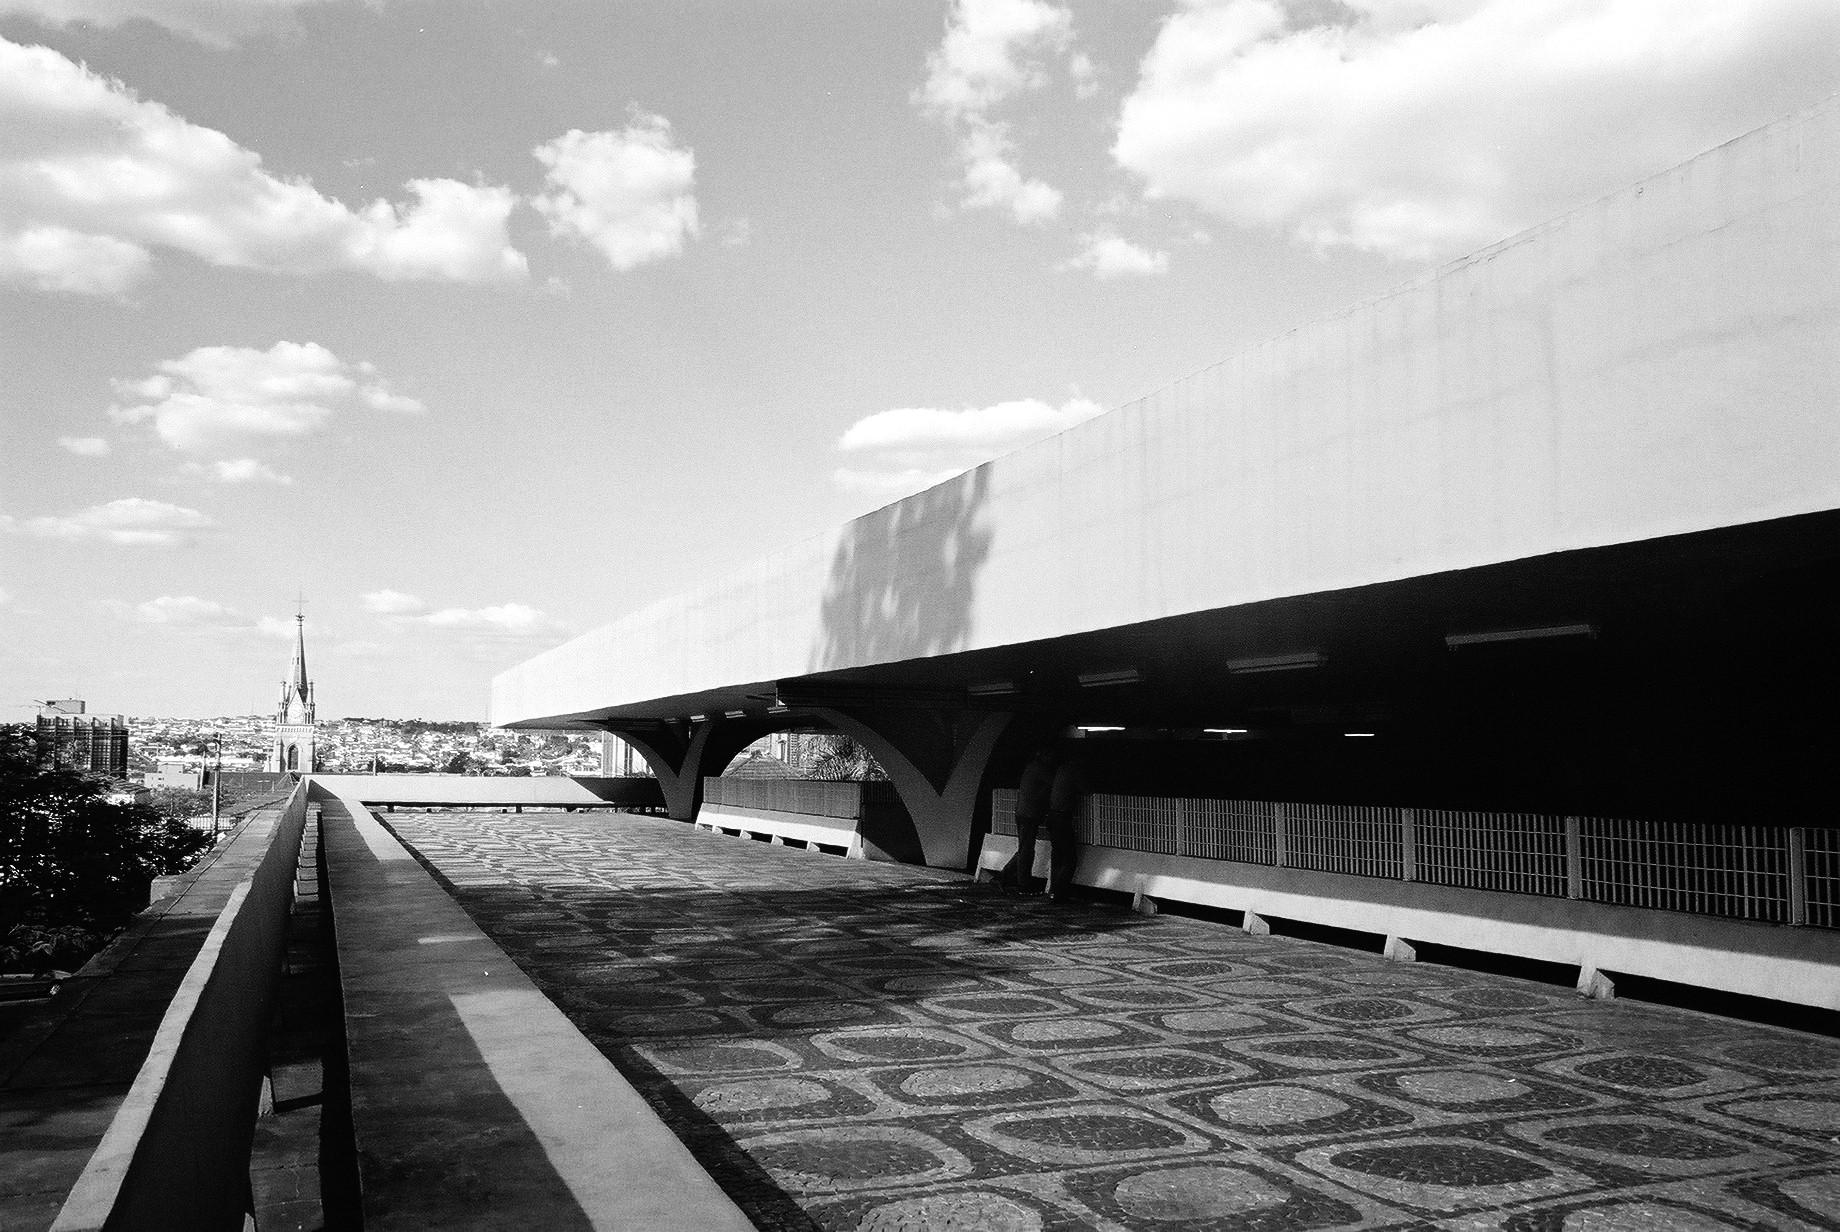 Clásicos de Arquitectura: Rodoviária de Jaú / Vilanova Artigas, © Flickr gabriel.sepe